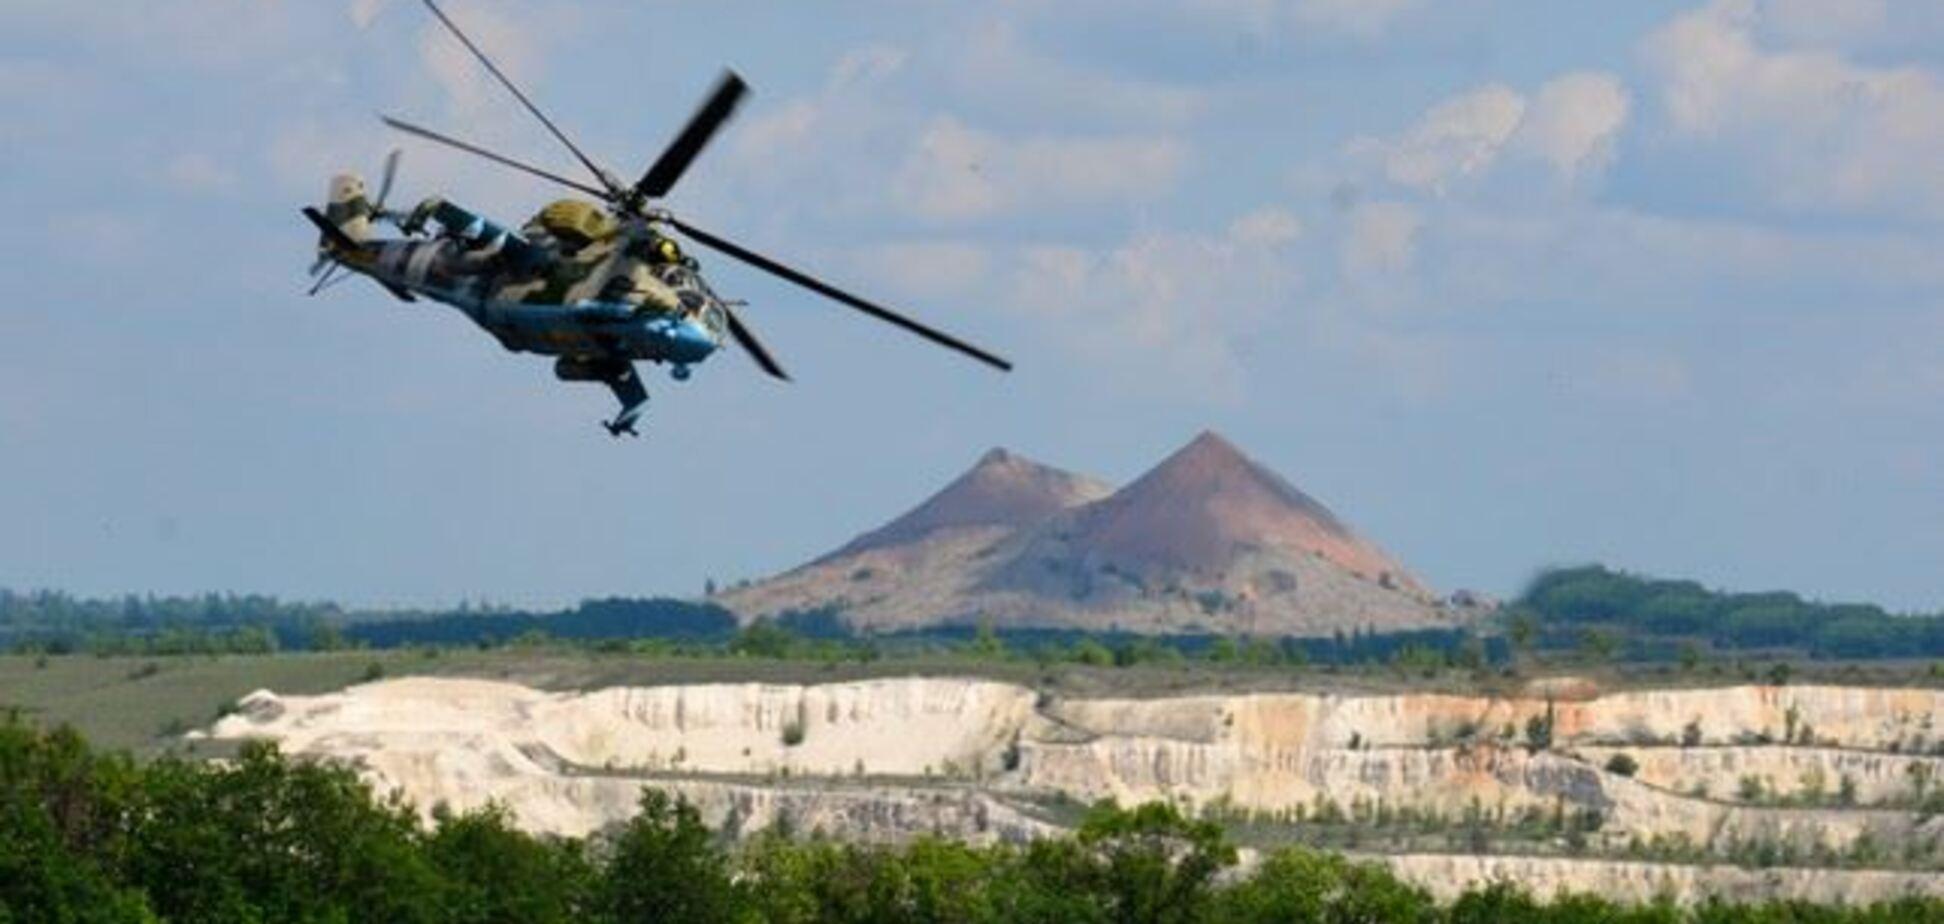 ВСУ на Донбасі відпрацювали авіаудари по терористах: опубліковані фото